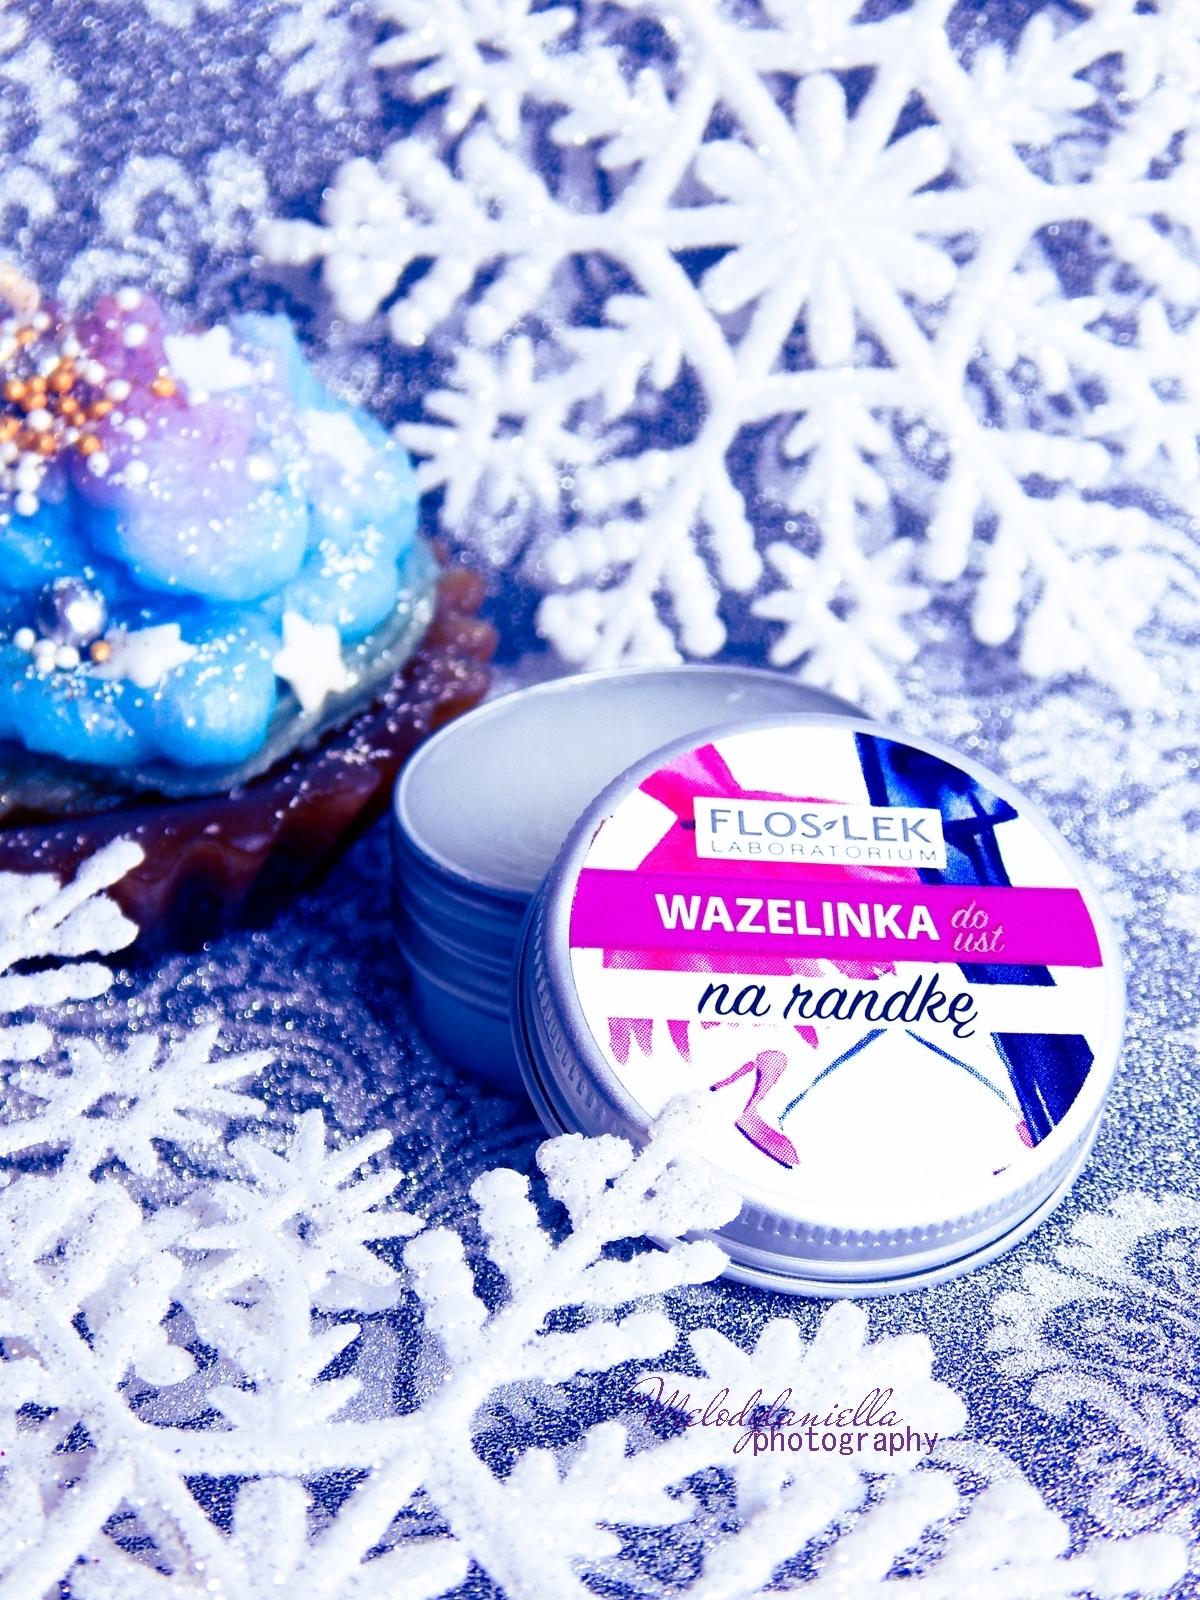 5 jak chronić usta przed mrozem 10 balsamów do ust top produkty do ust ziaja softlips wazelinka na randke maybelline zoella beauty melodylaniella bell isana oriflame pomadki balsamy blyszczyki